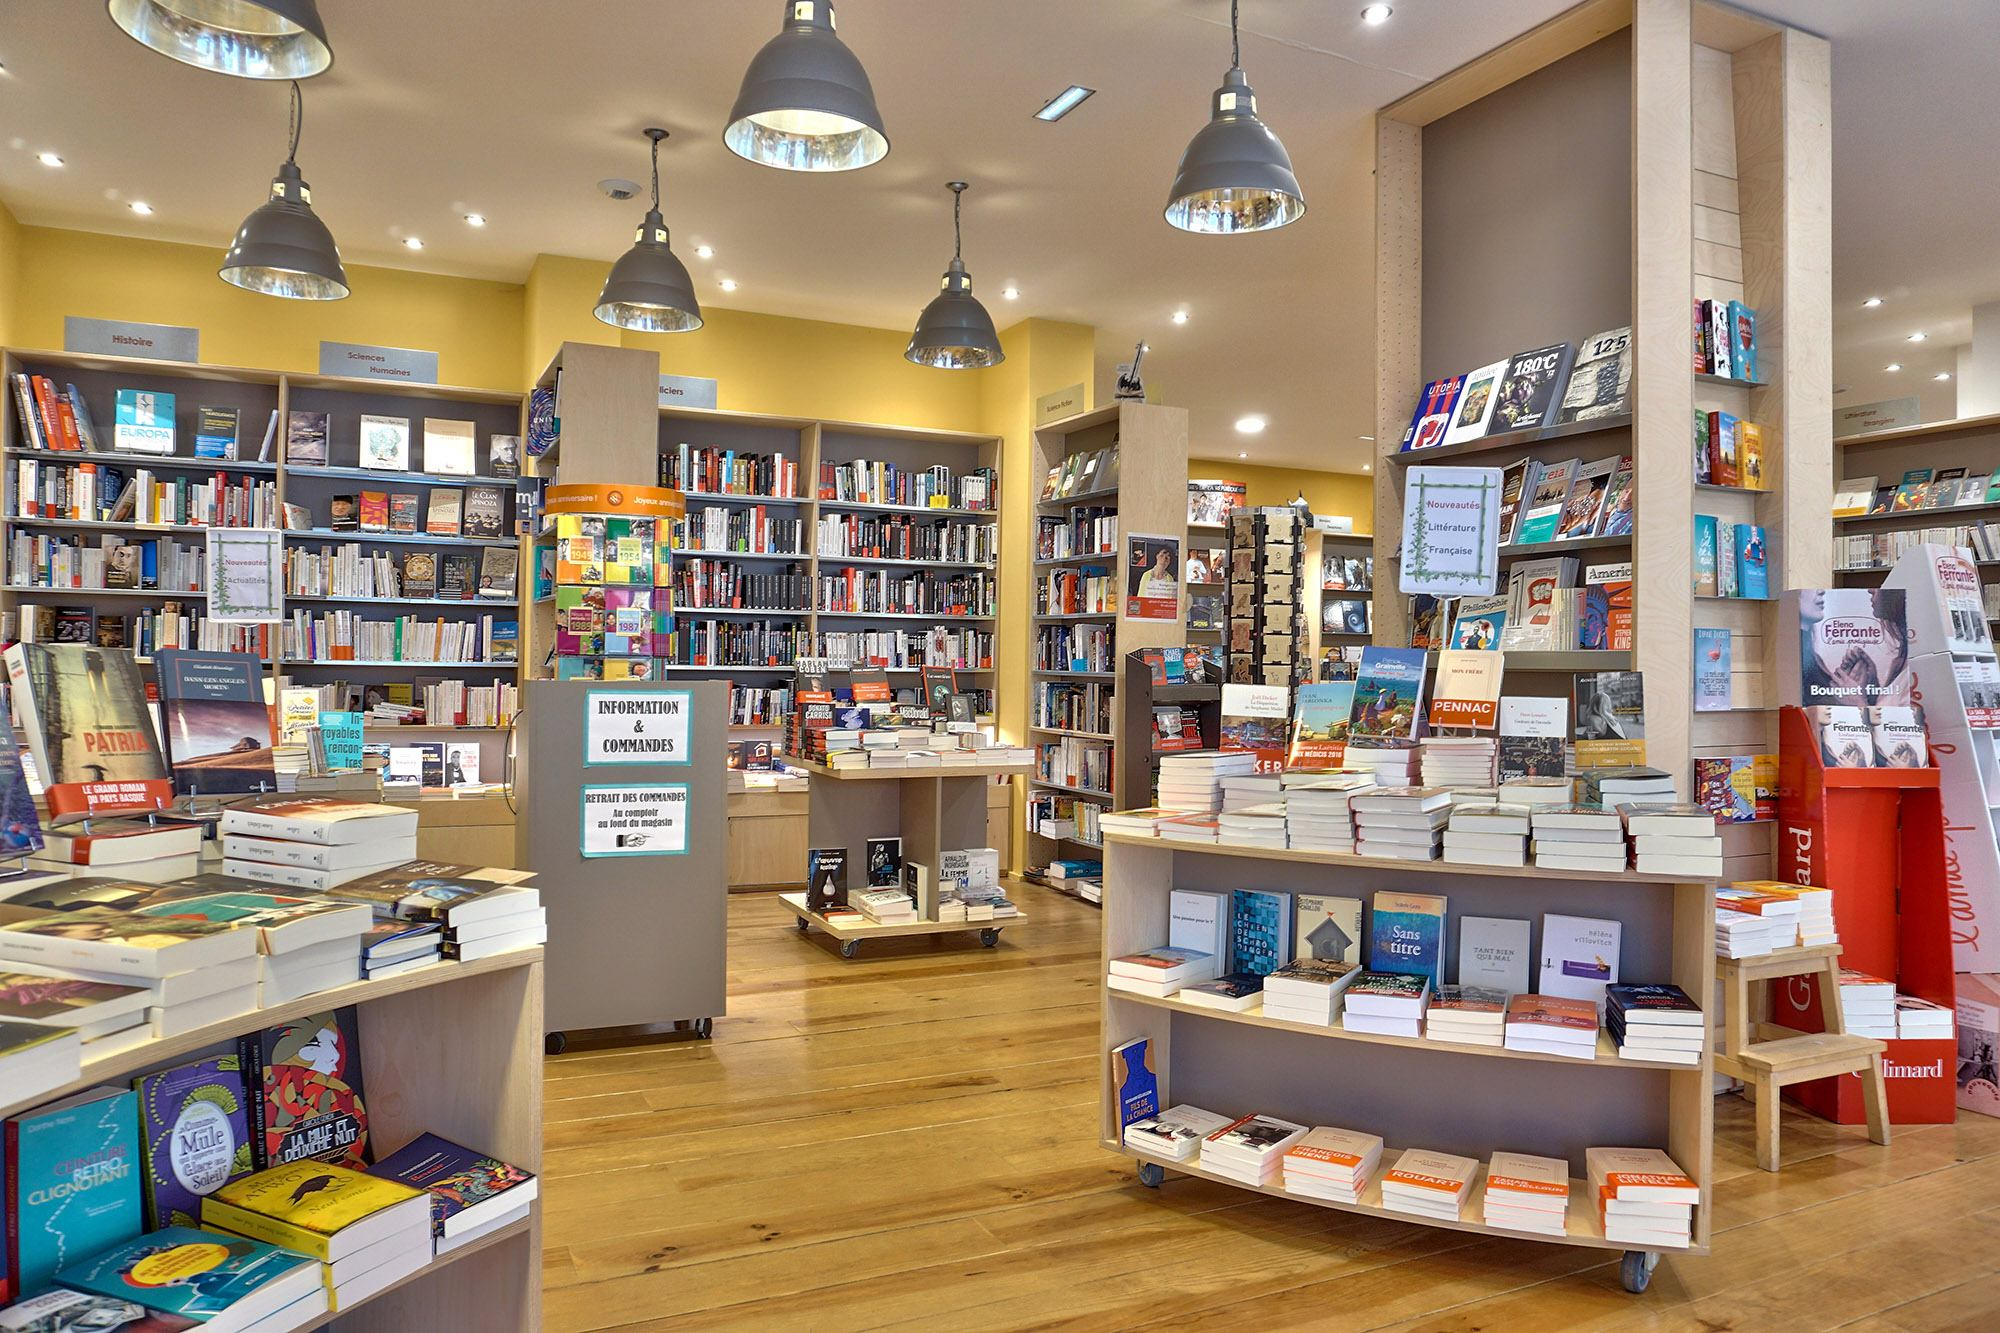 Photo de la librairie La maison jaune, rayon sciences humaines  à Neuville sur saône 69250 Rhône